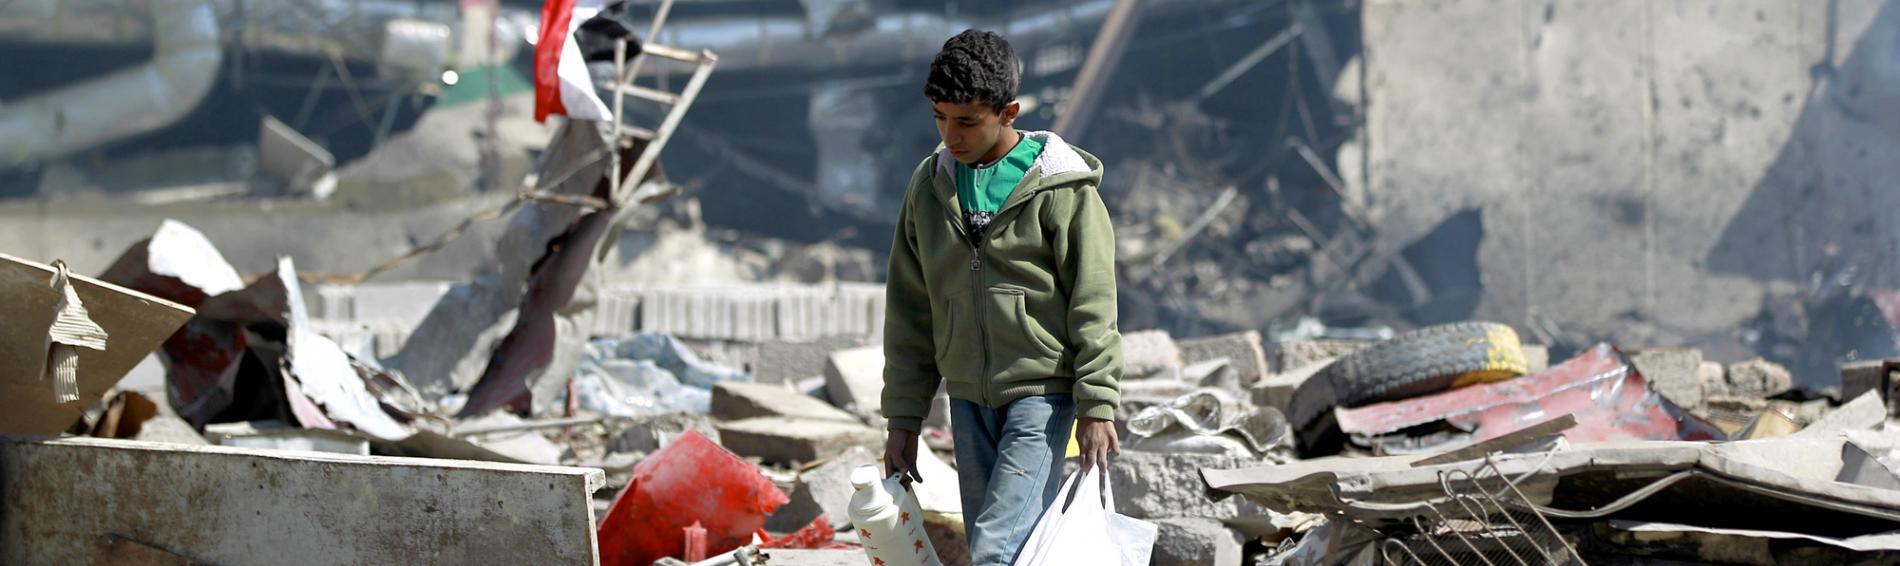 Ein Junge in den Trümmern seiner Stadt in Jemen. Foto: Ärzte der Welt